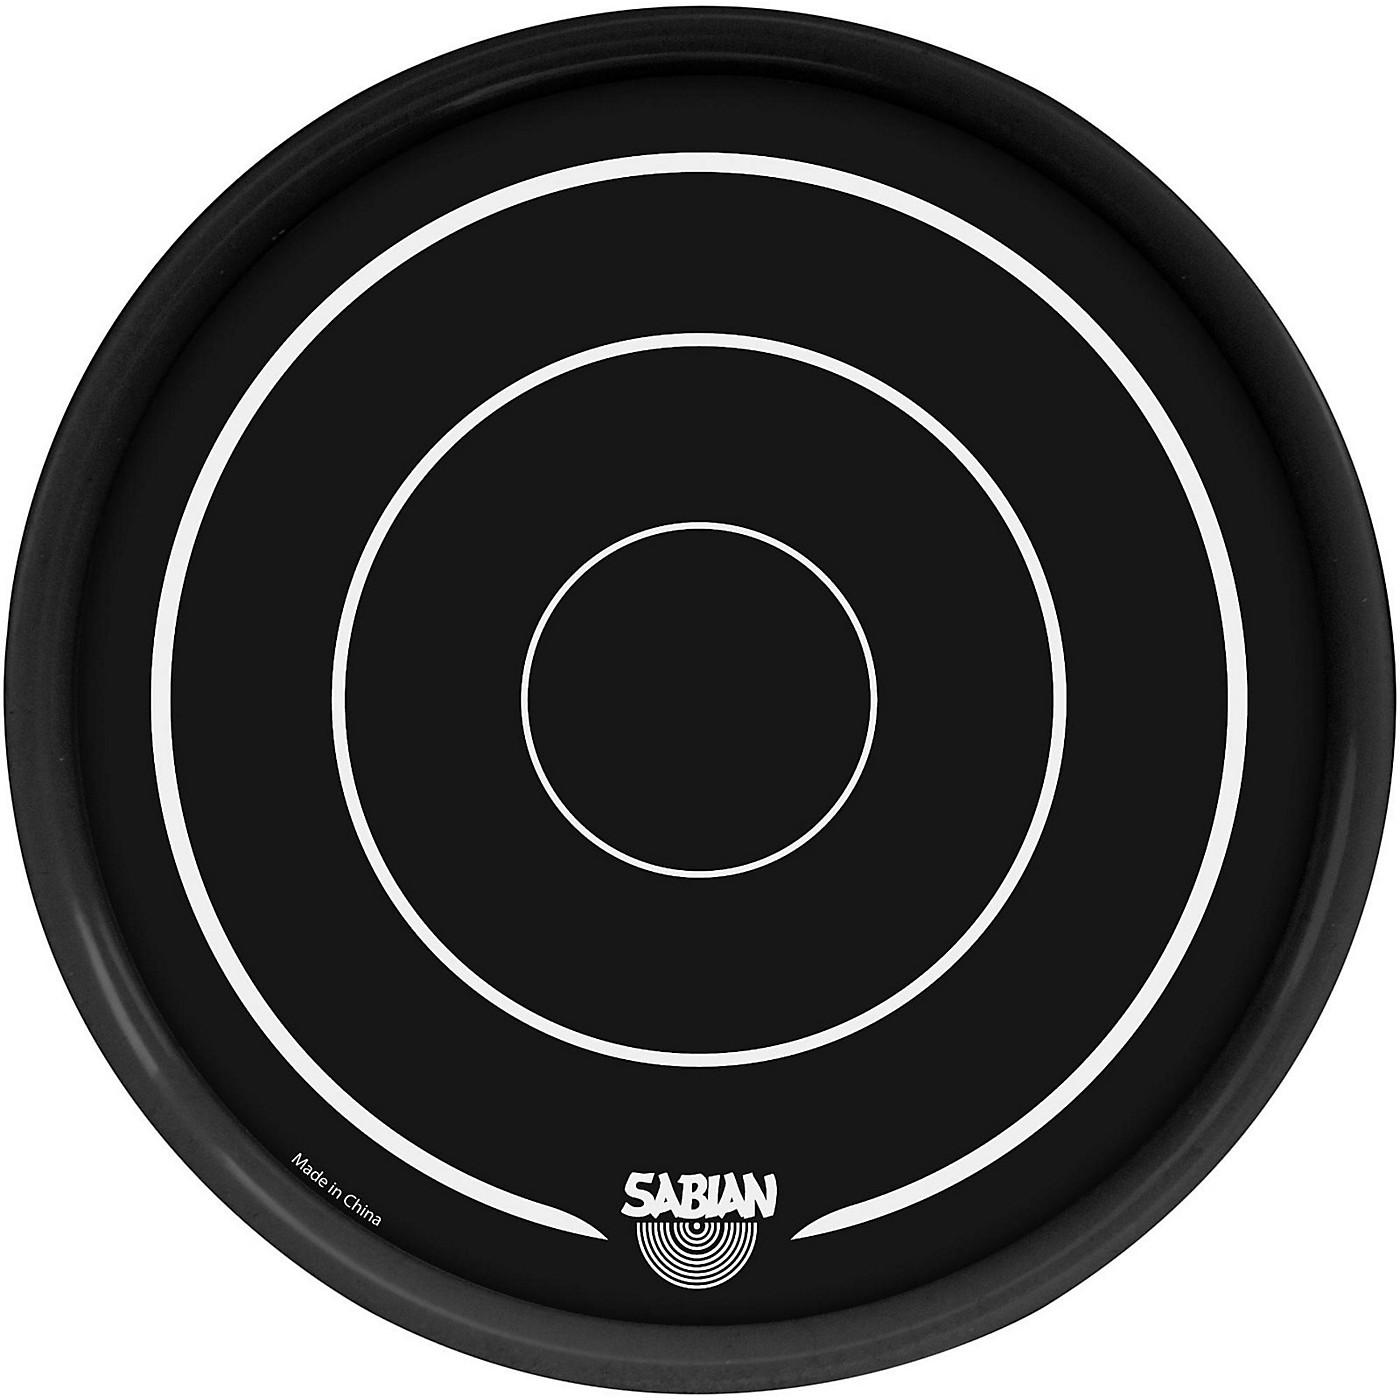 Sabian Grip Disc Practice Pad thumbnail